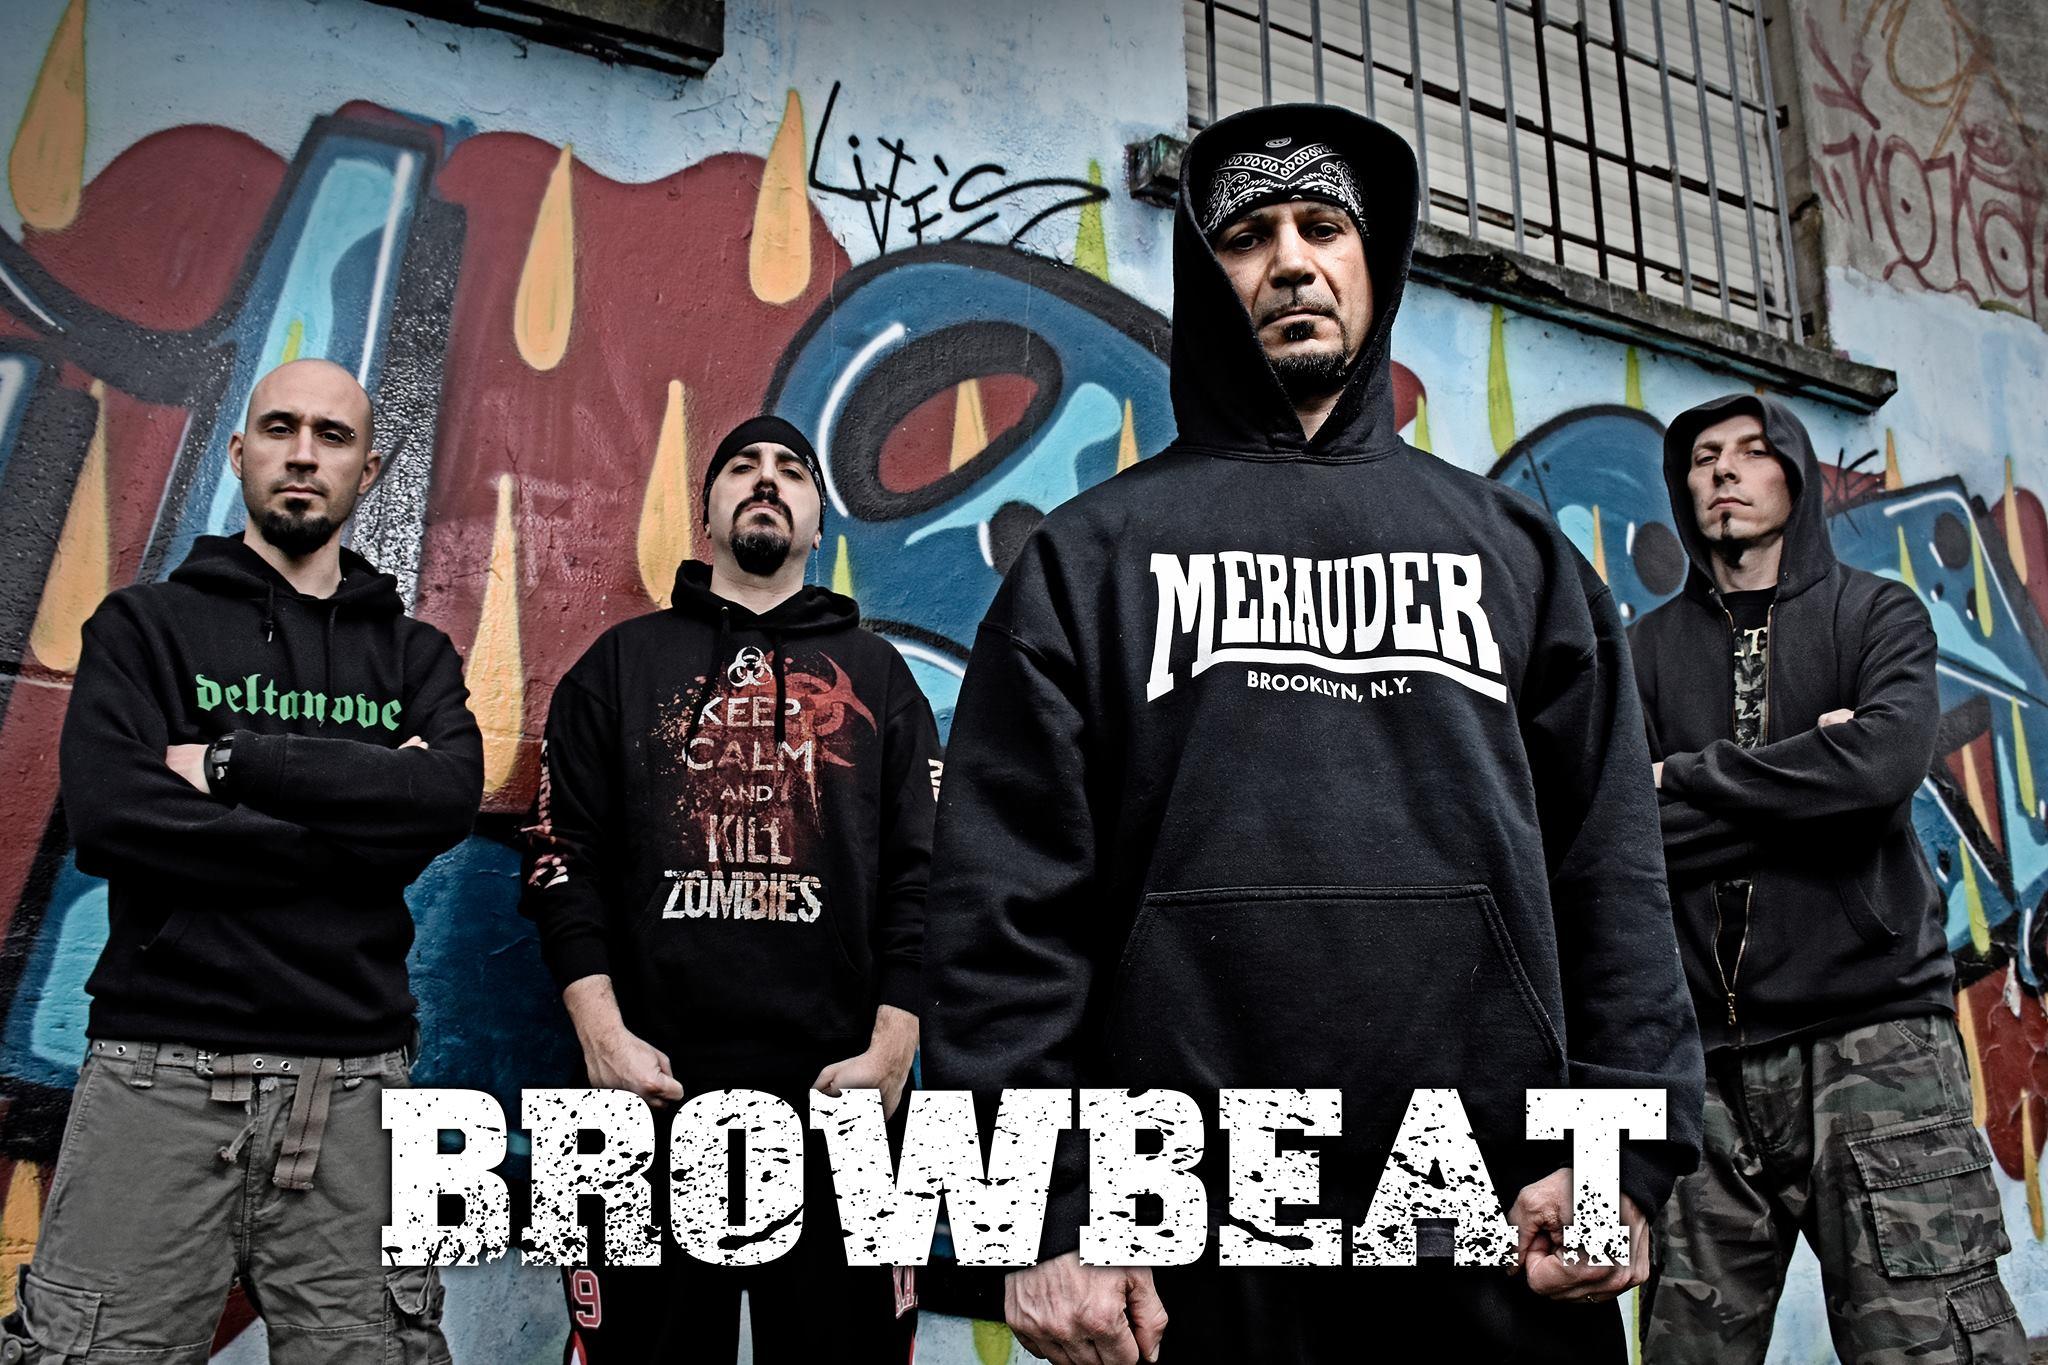 義大利金屬樂團 Browbeat 釋出新曲影音 A Forgotten Number